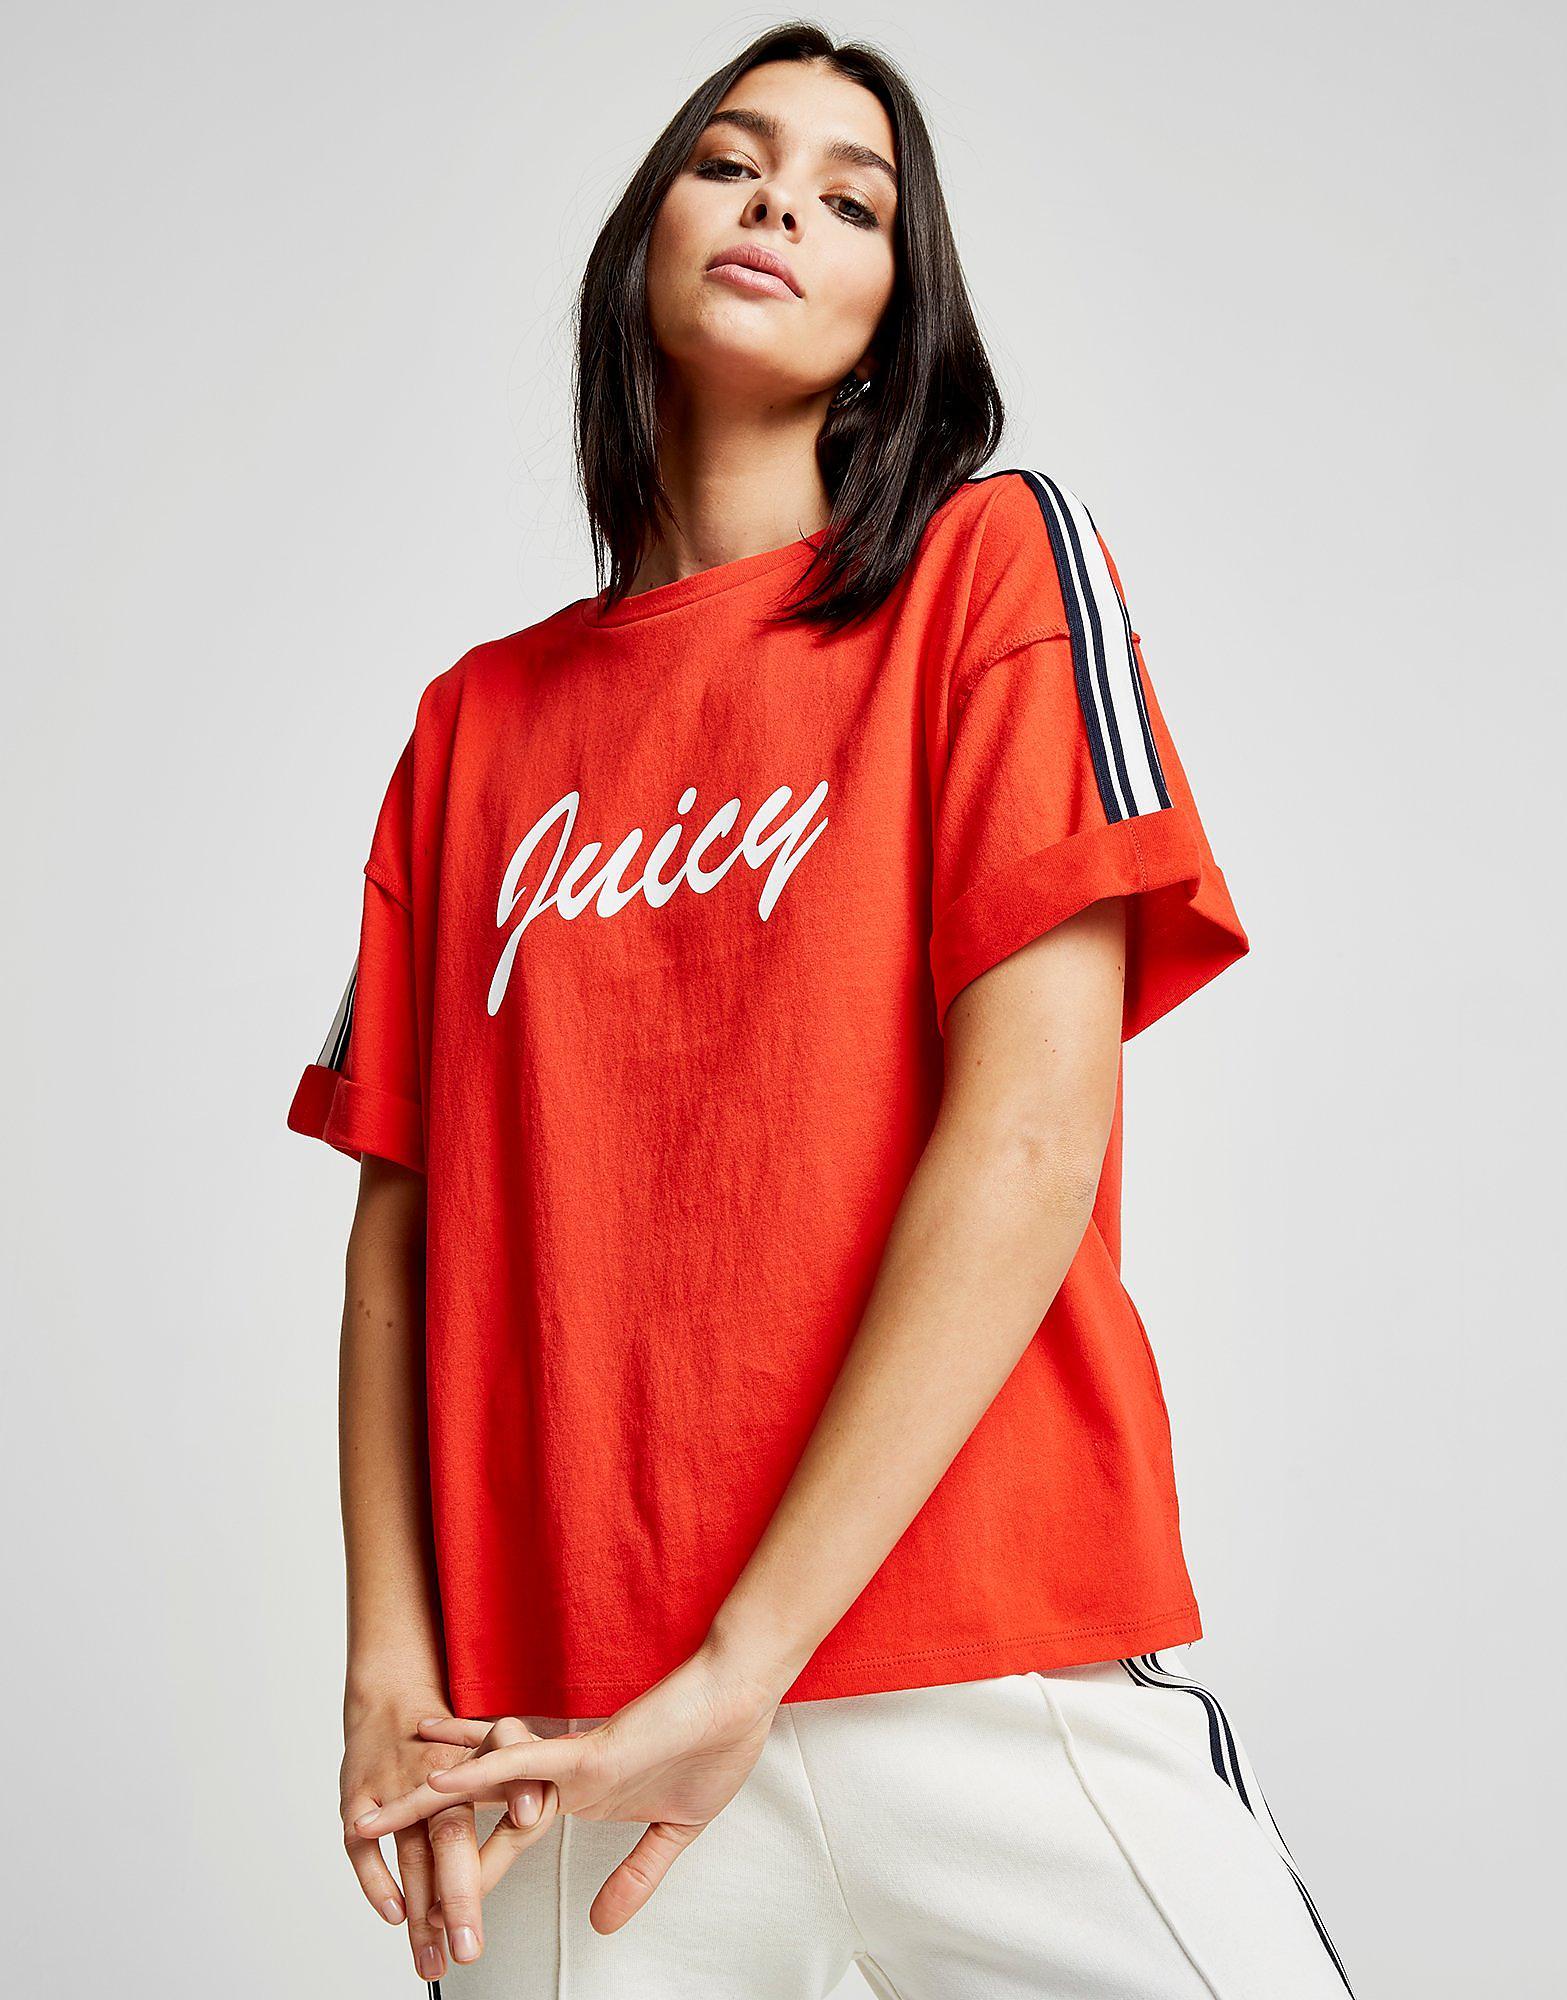 Juicy by Juicy Couture Raglan Sleeve T-Shirt